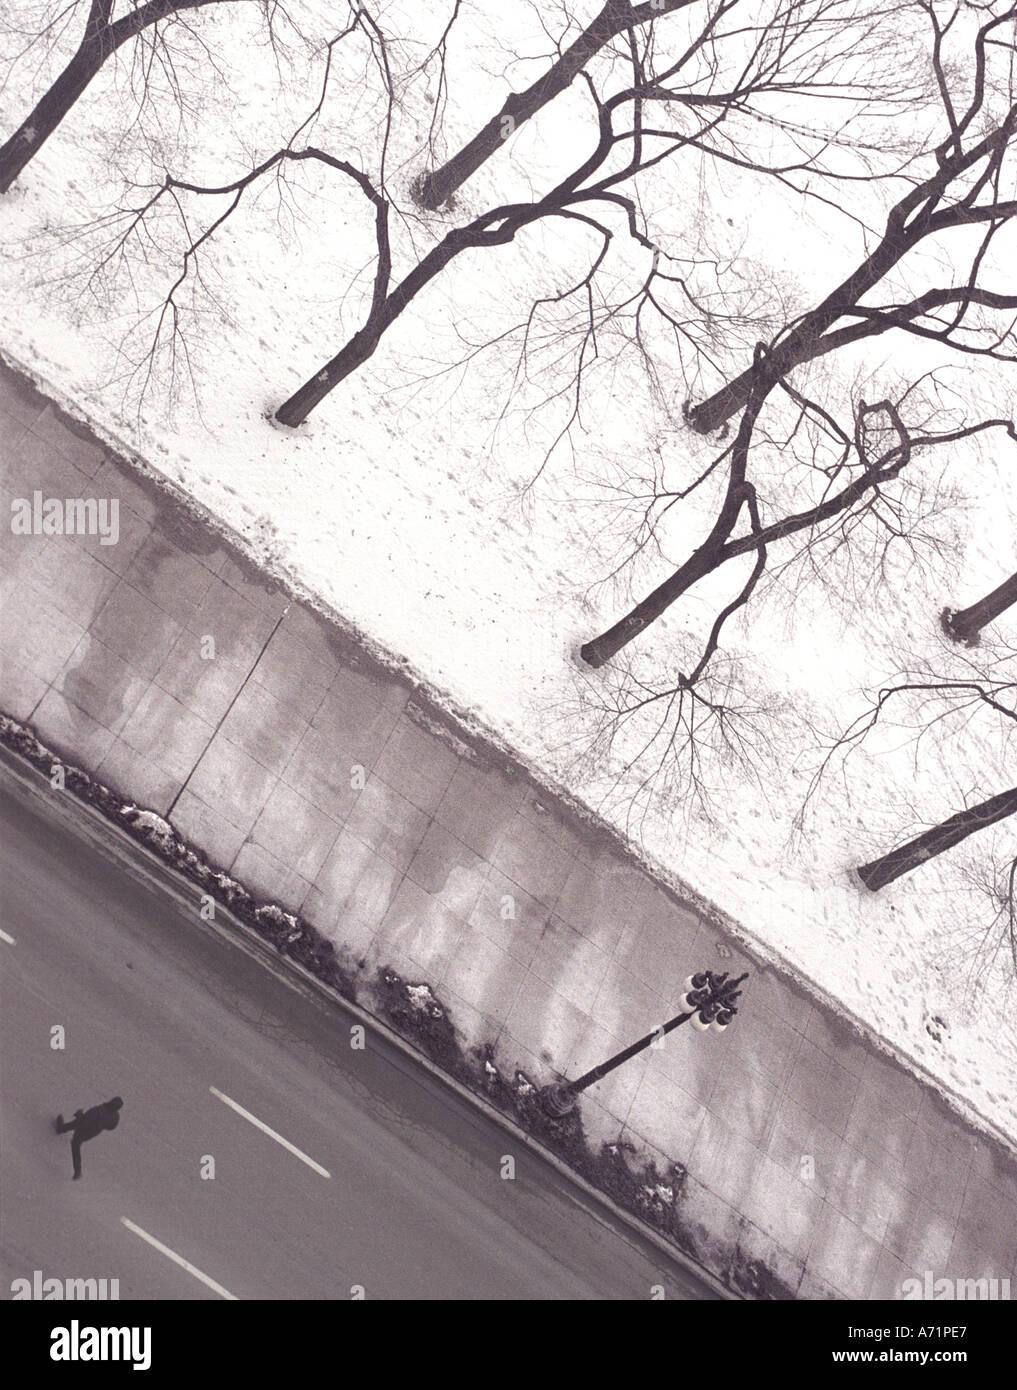 Homme qui court de l'autre côté de la rue (Michigan Avenue) sur un jour d'hiver à Chicago USA Photo Stock